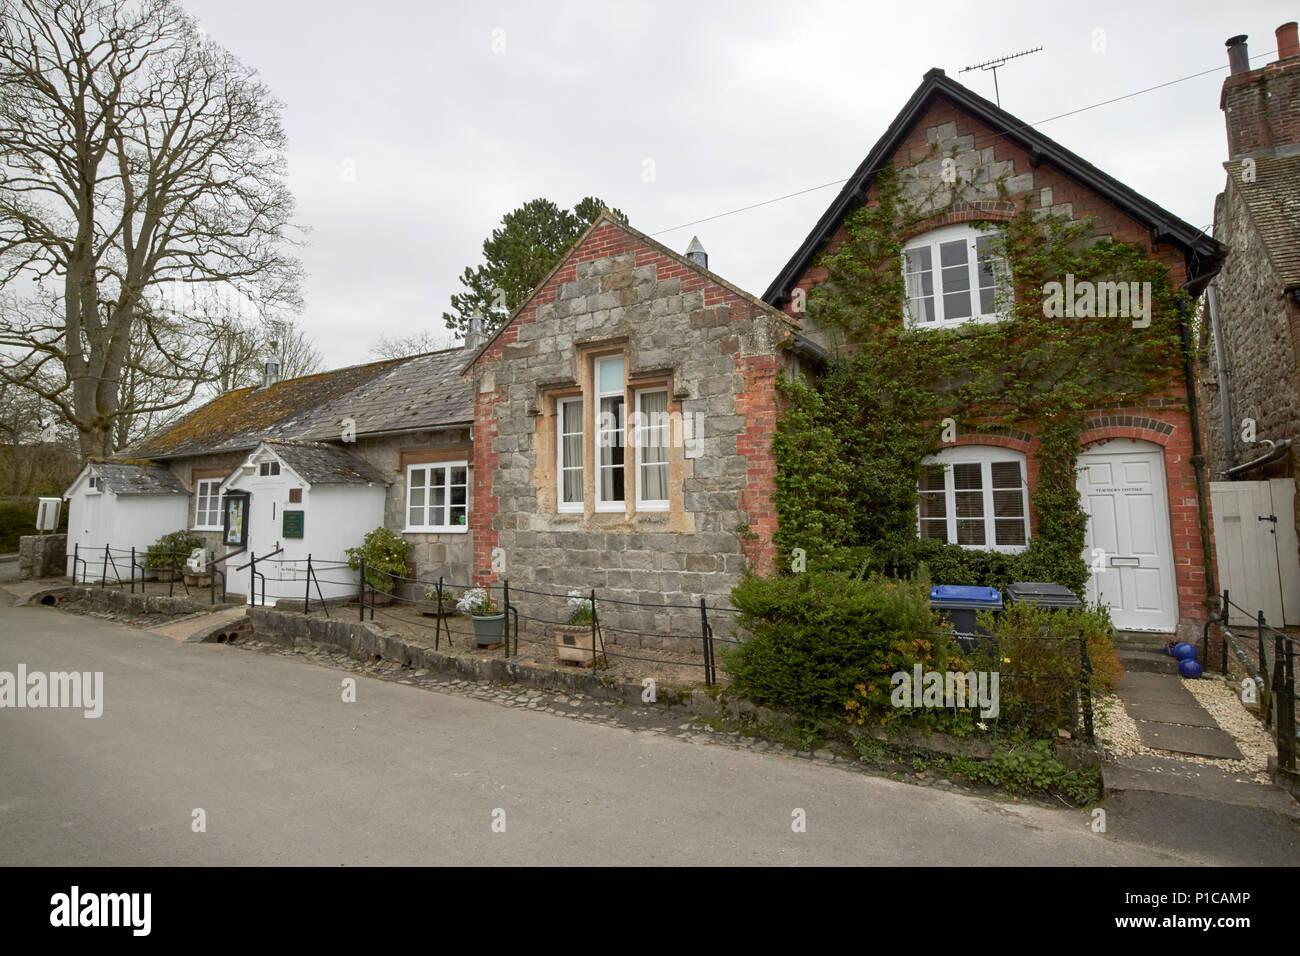 Ehemalige Dorfschule und Lehrer Cottage soziales Zentrum und Unterkunft avebury Wiltshire England Großbritannien Stockbild